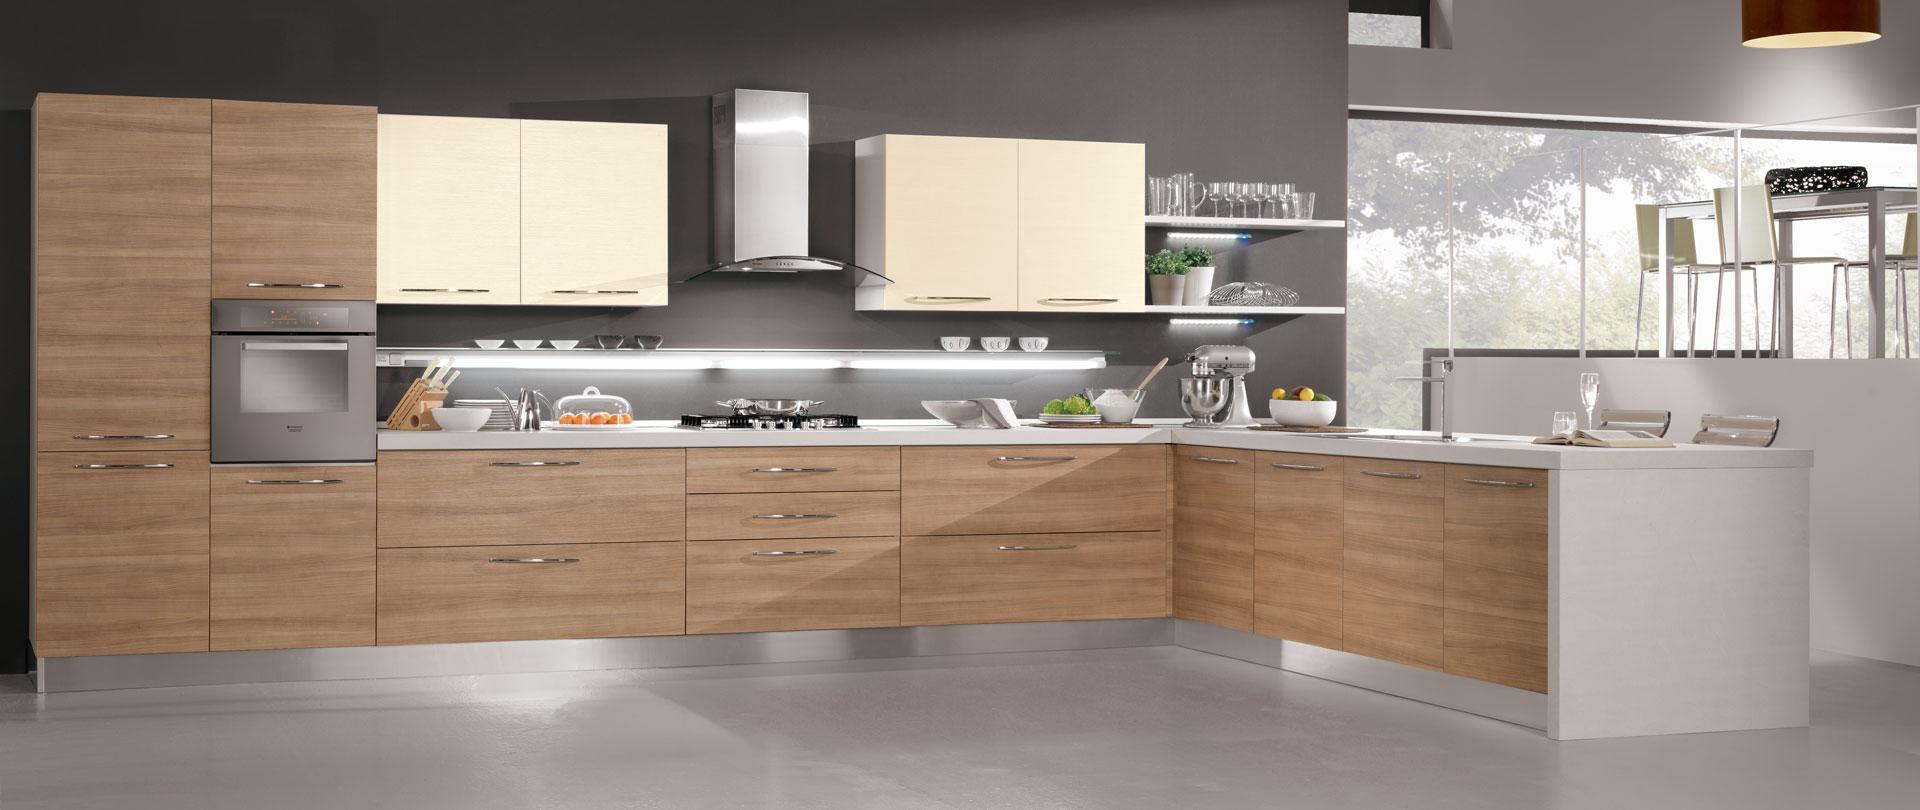 Cucine moderne cucinissima for Cucina moderna 2018 pdf